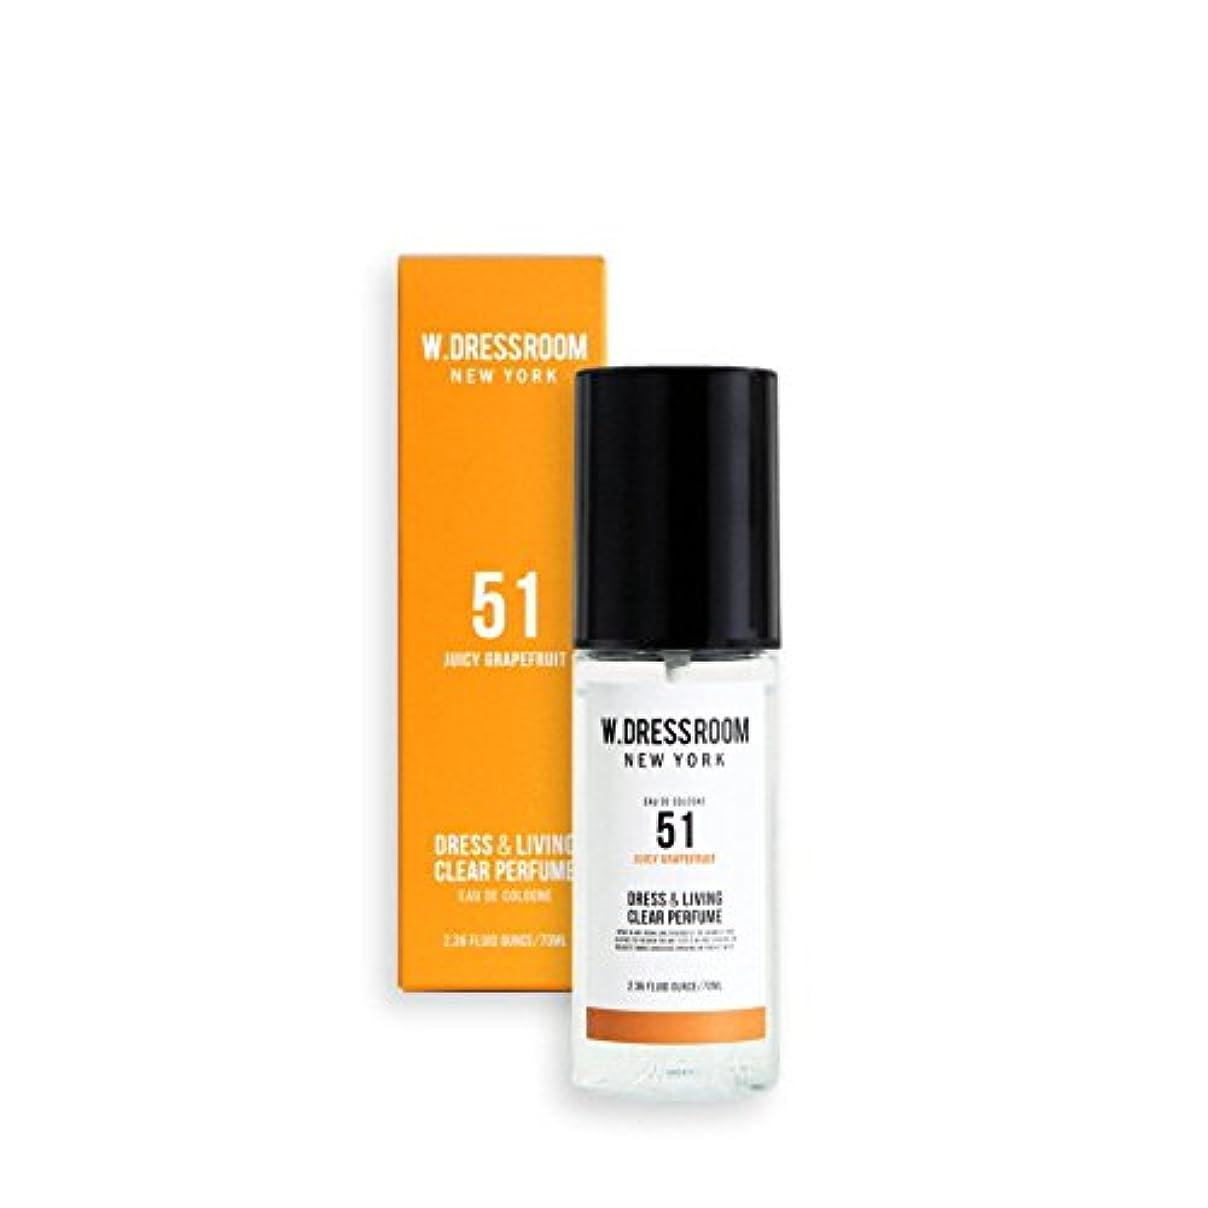 子鹿すずめW.DRESSROOM Dress & Living Clear Perfume fragrance 70ml (#No.51 Juicy Grapefruit)/ダブルドレスルーム ドレス&リビング クリア パフューム...